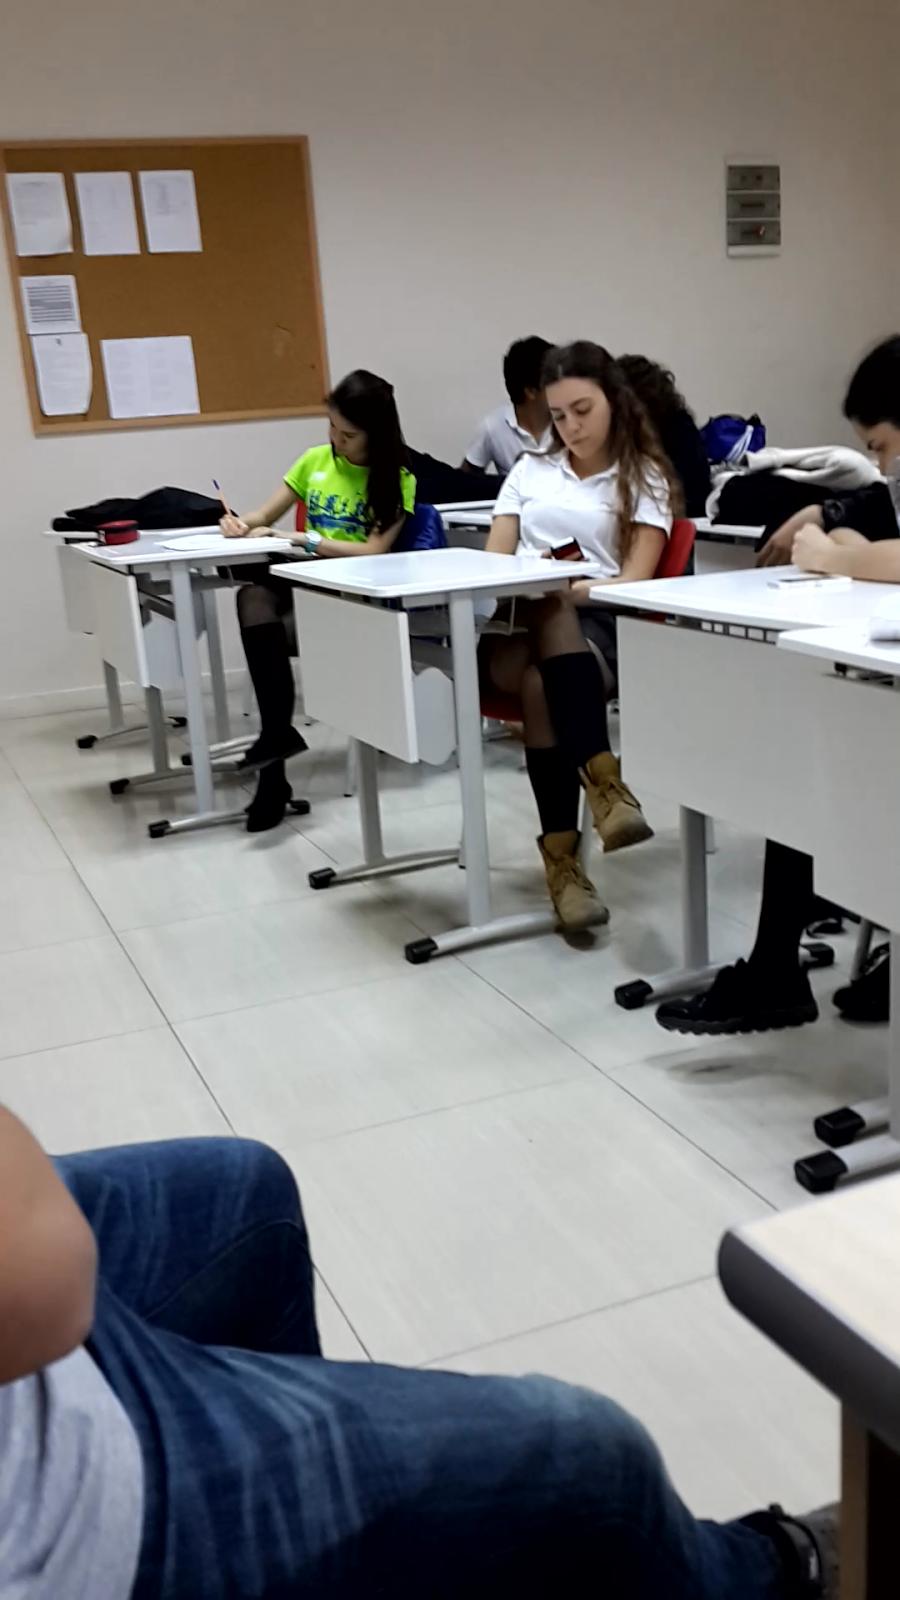 Liseli Türk İfşa Gizli Çekim Sikiş Videosu  Porno Party